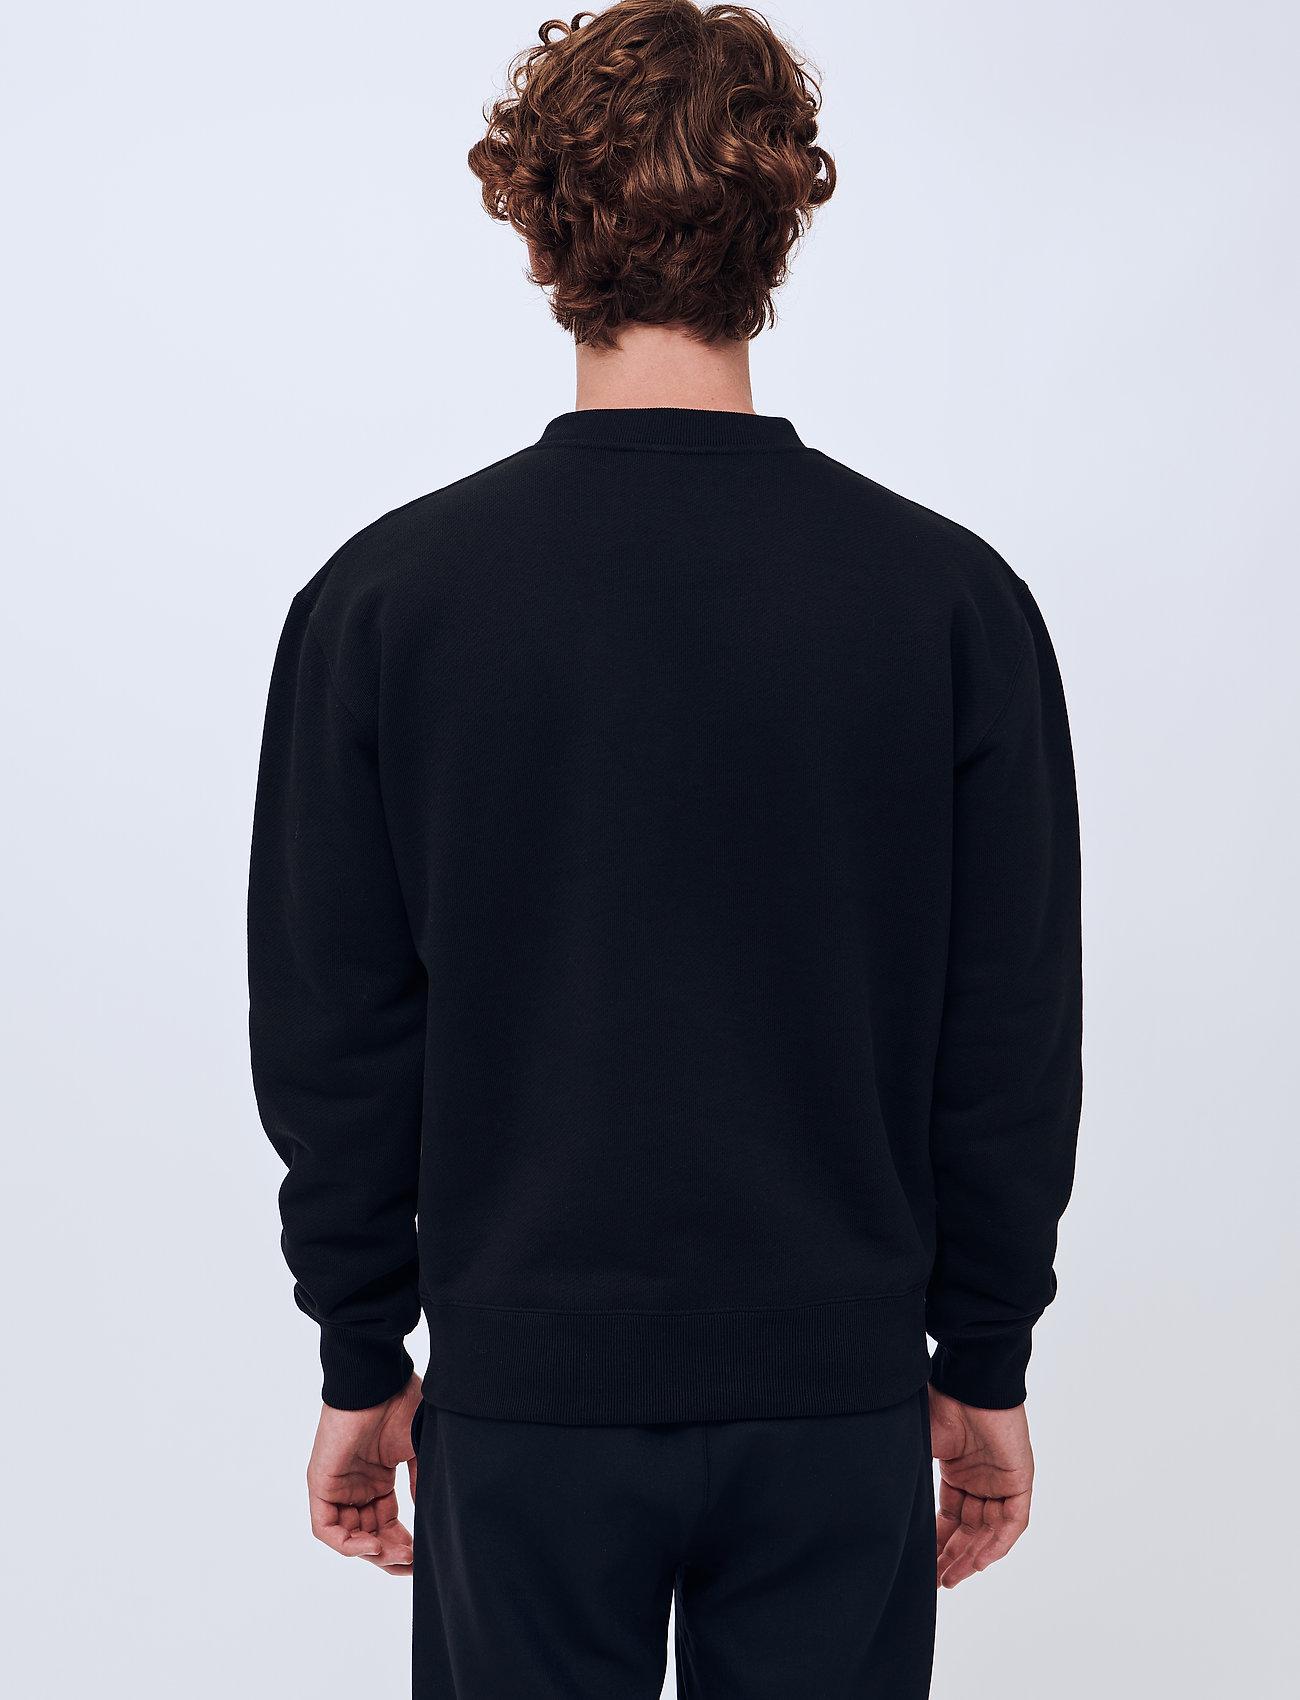 Soulland - Zodiac sweatshirt - sweats - black - 3